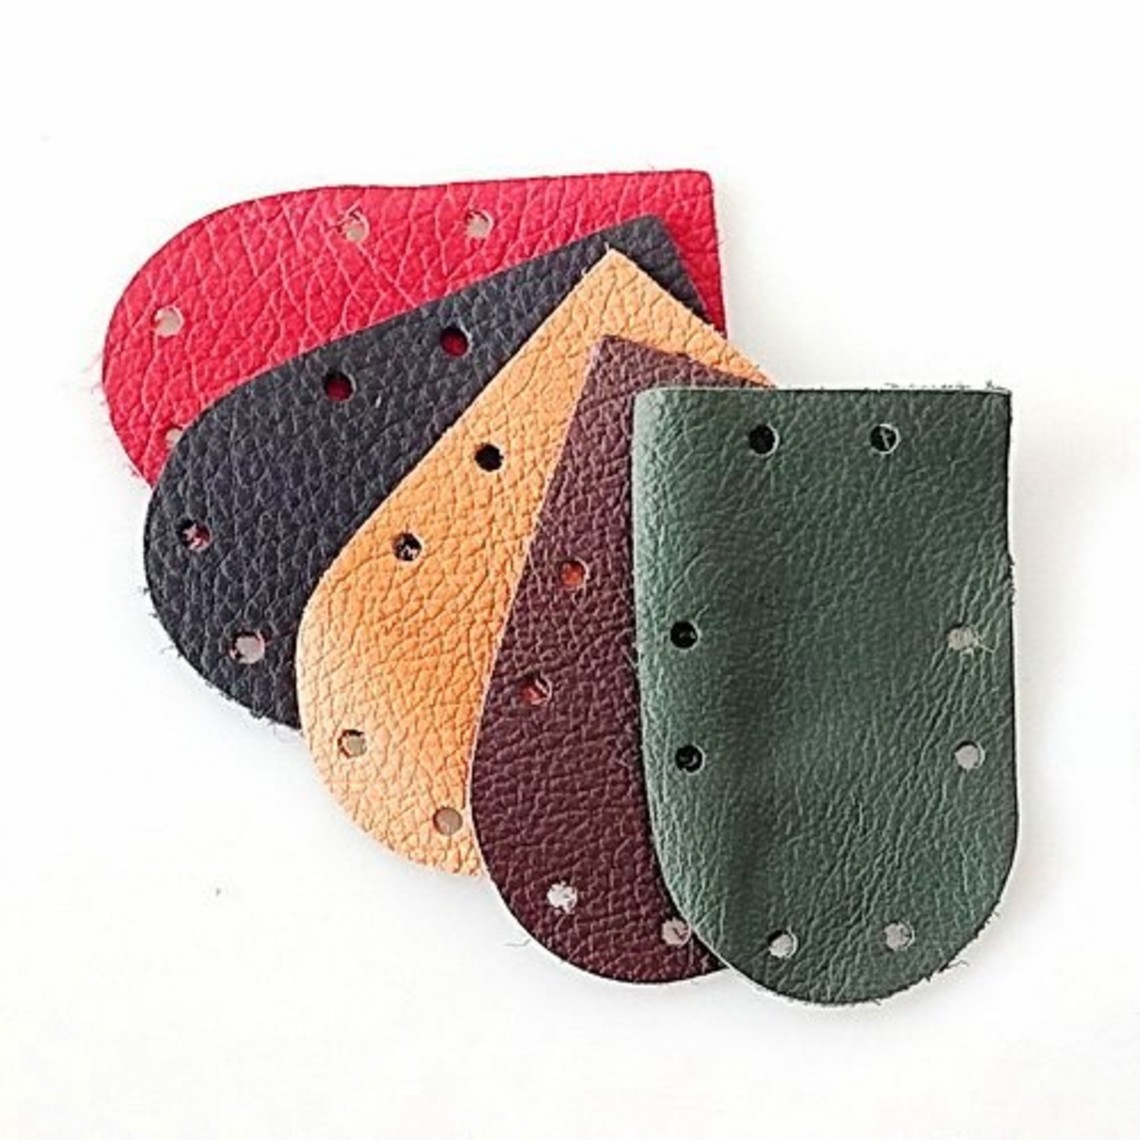 50x napa pieza redonda de armadura de escamas, de color marrón claro